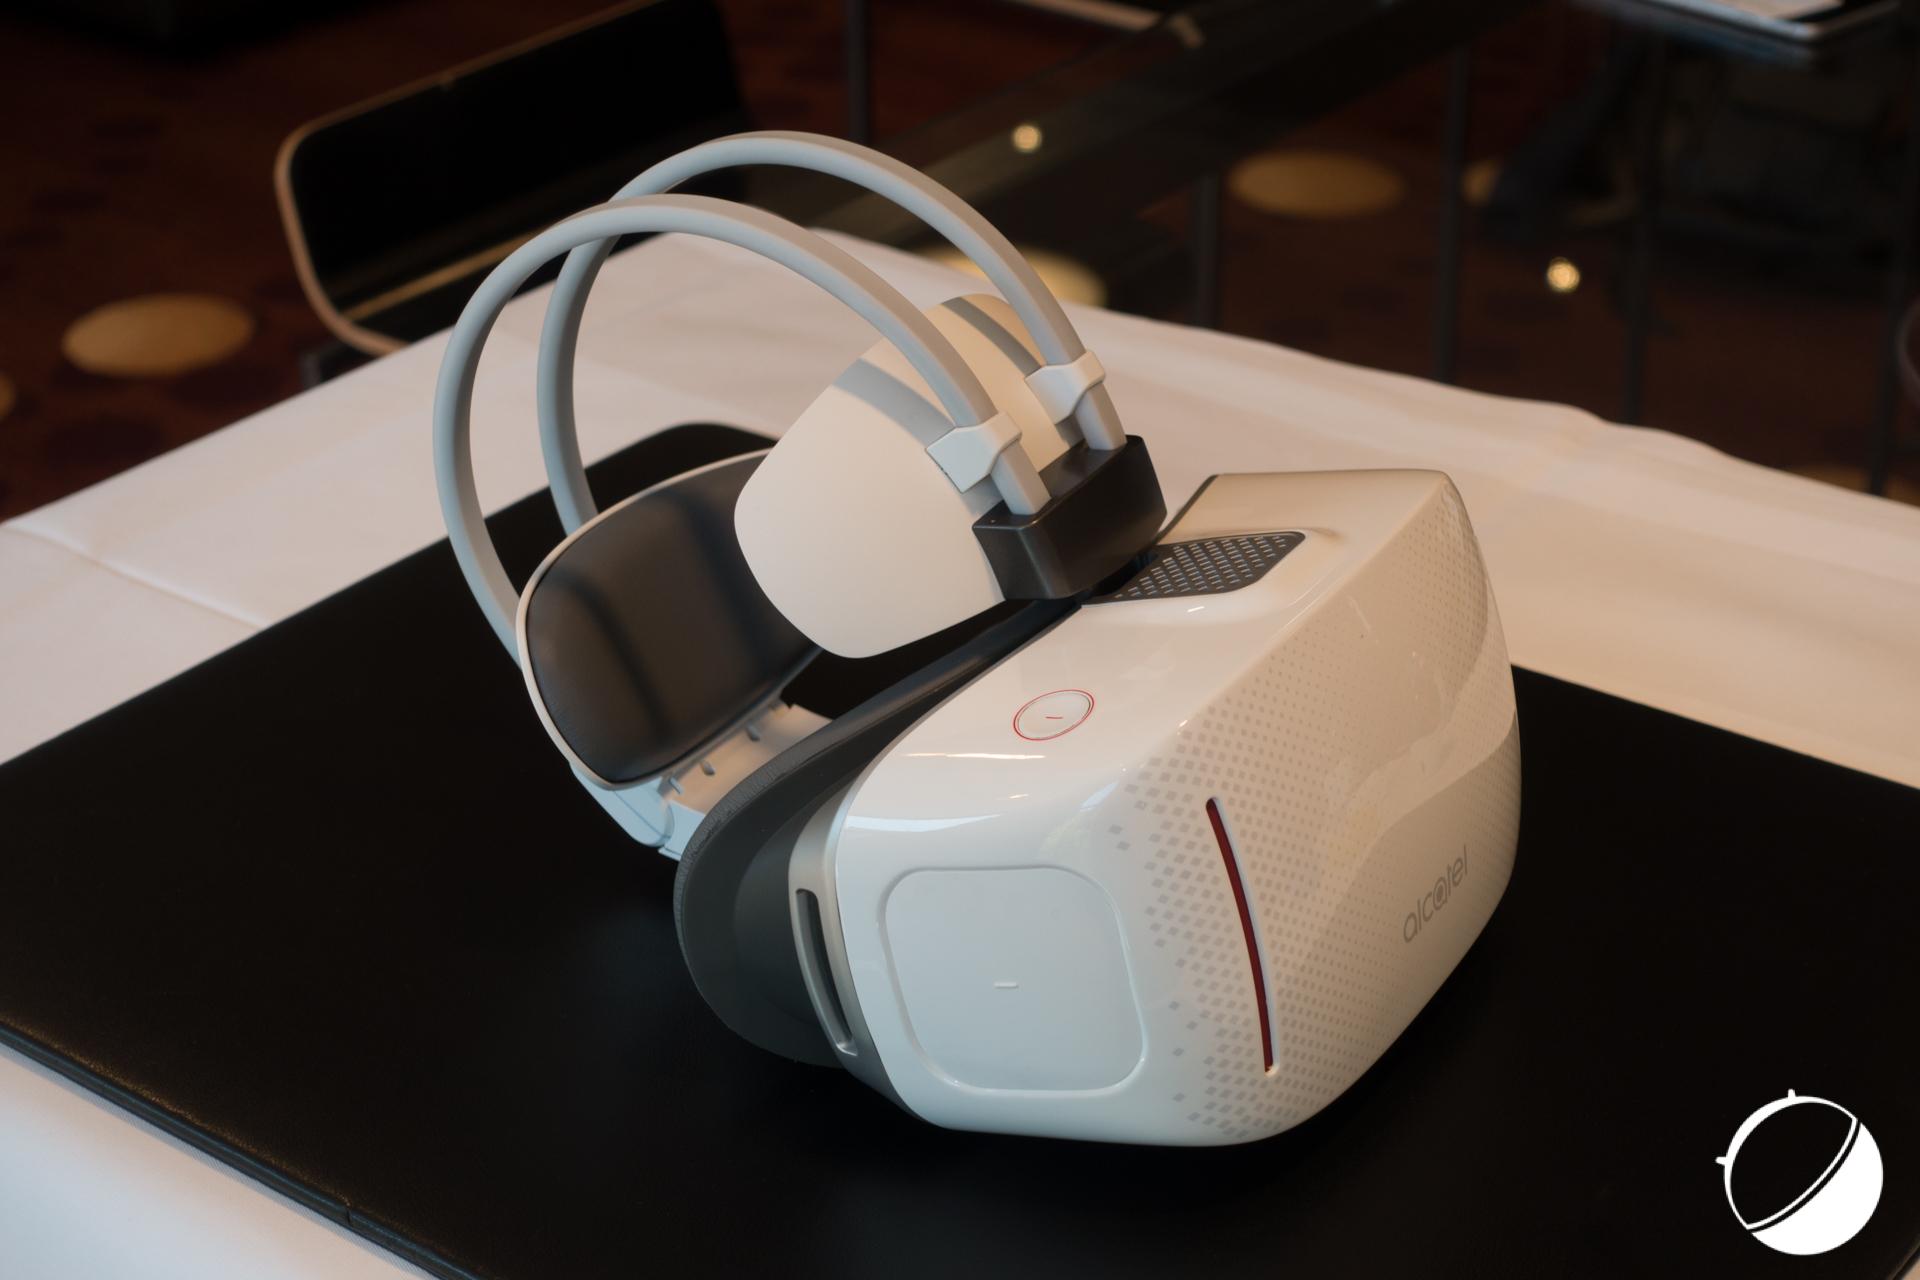 Alcatel Vision : nous avons essayé ce casque de réalité virtuelle autonome